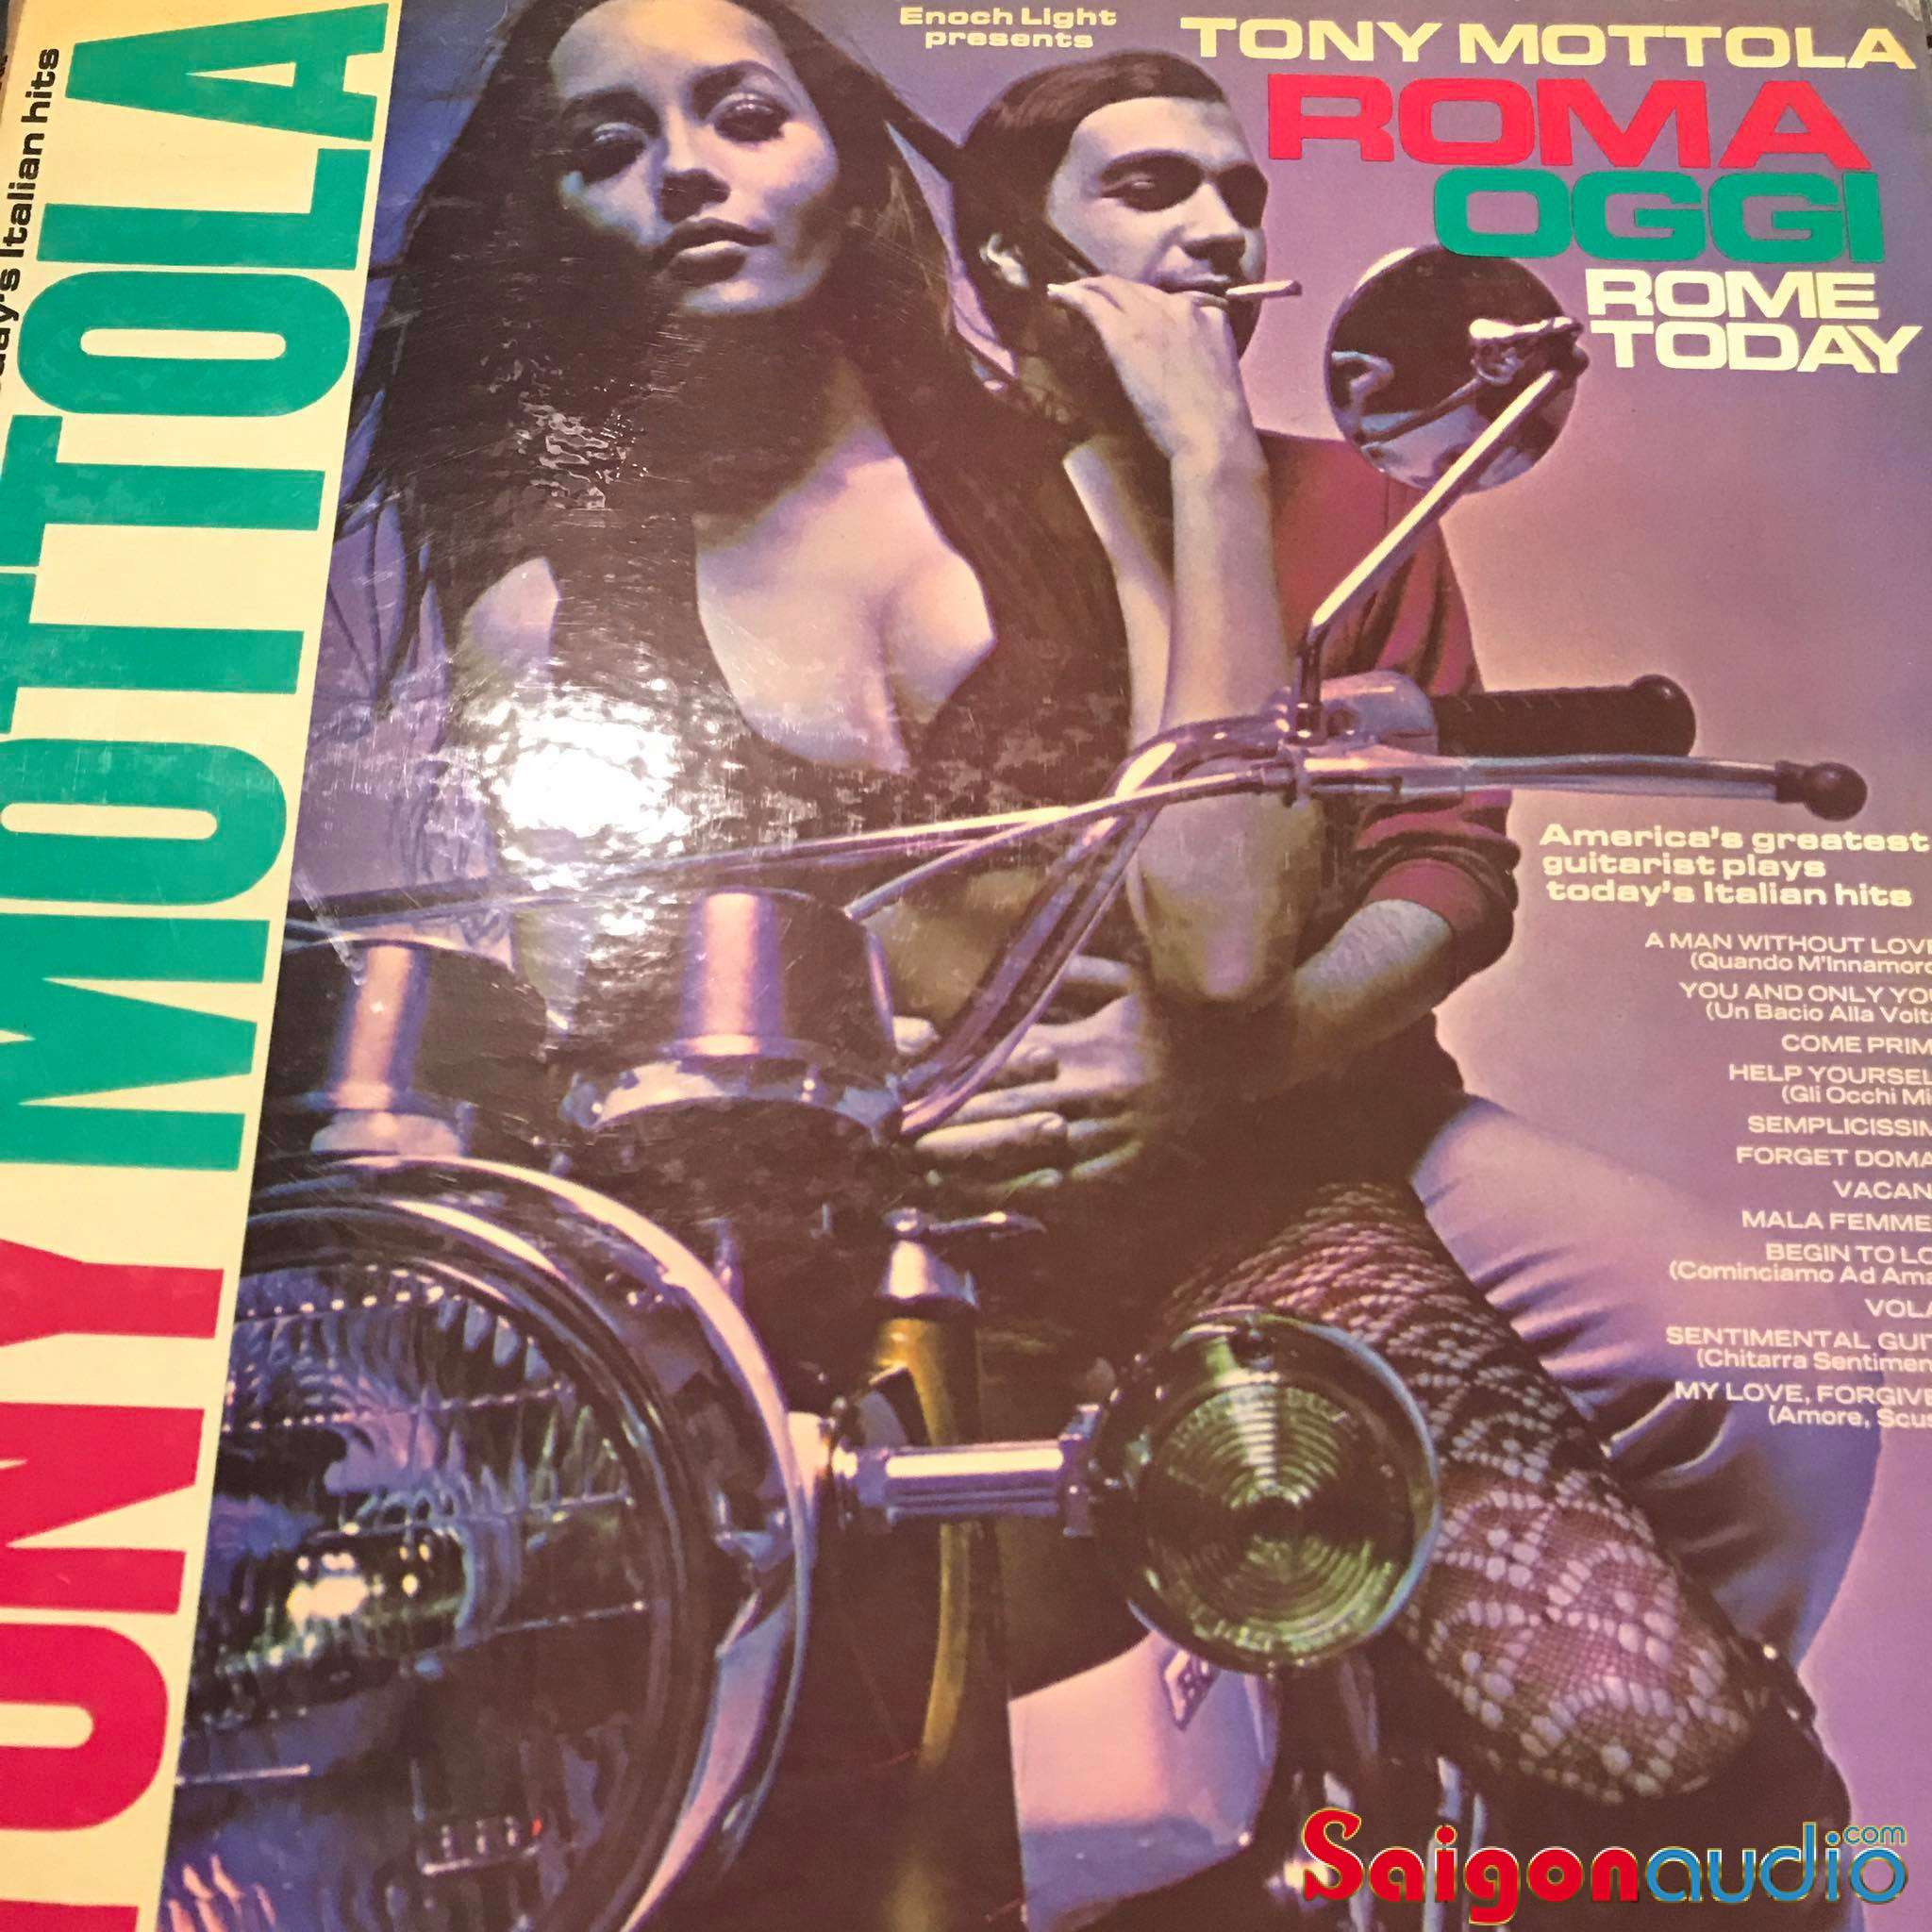 Đĩa than LP Tony Mottola - Roma Oggi - Rome Today